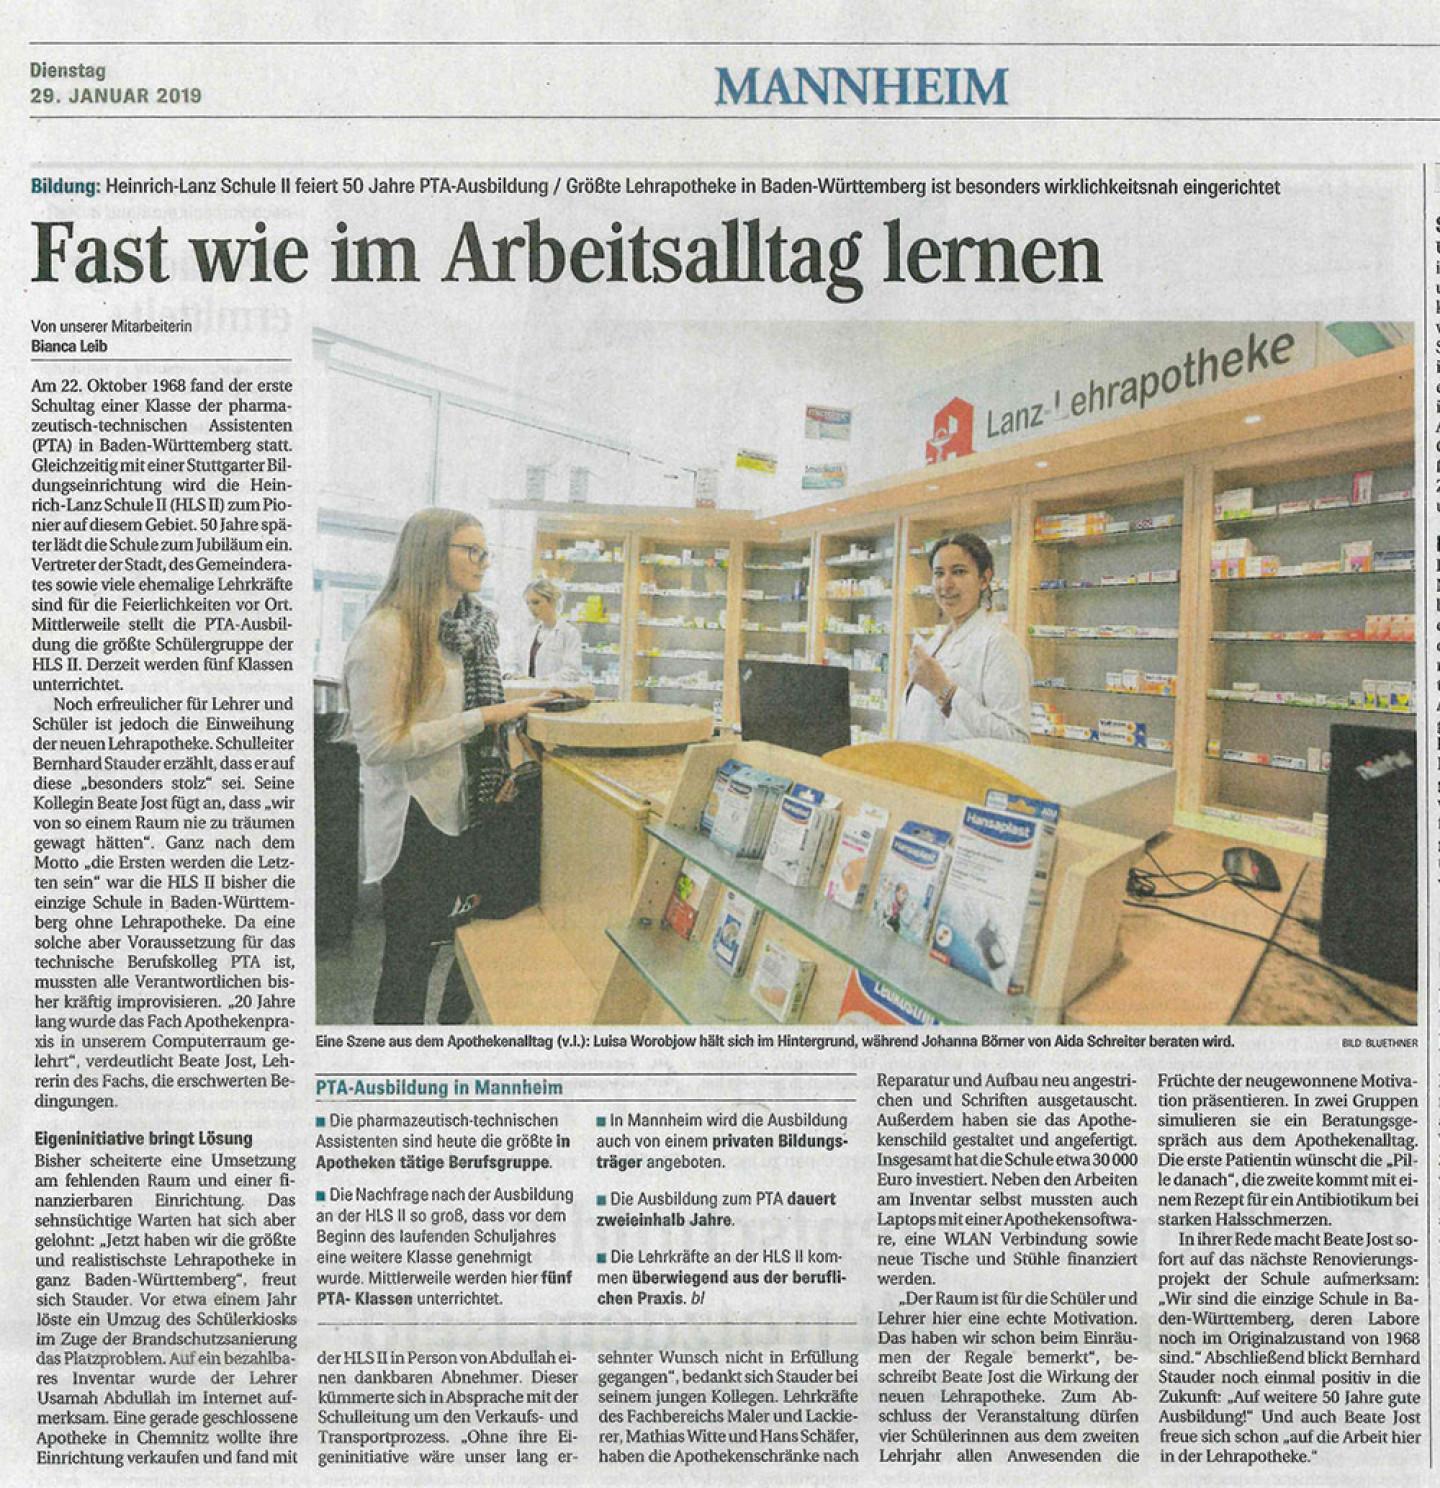 Bericht-im-MM-zur-Eröffnung-der-Lehrapotheke-an-der-HLS-II